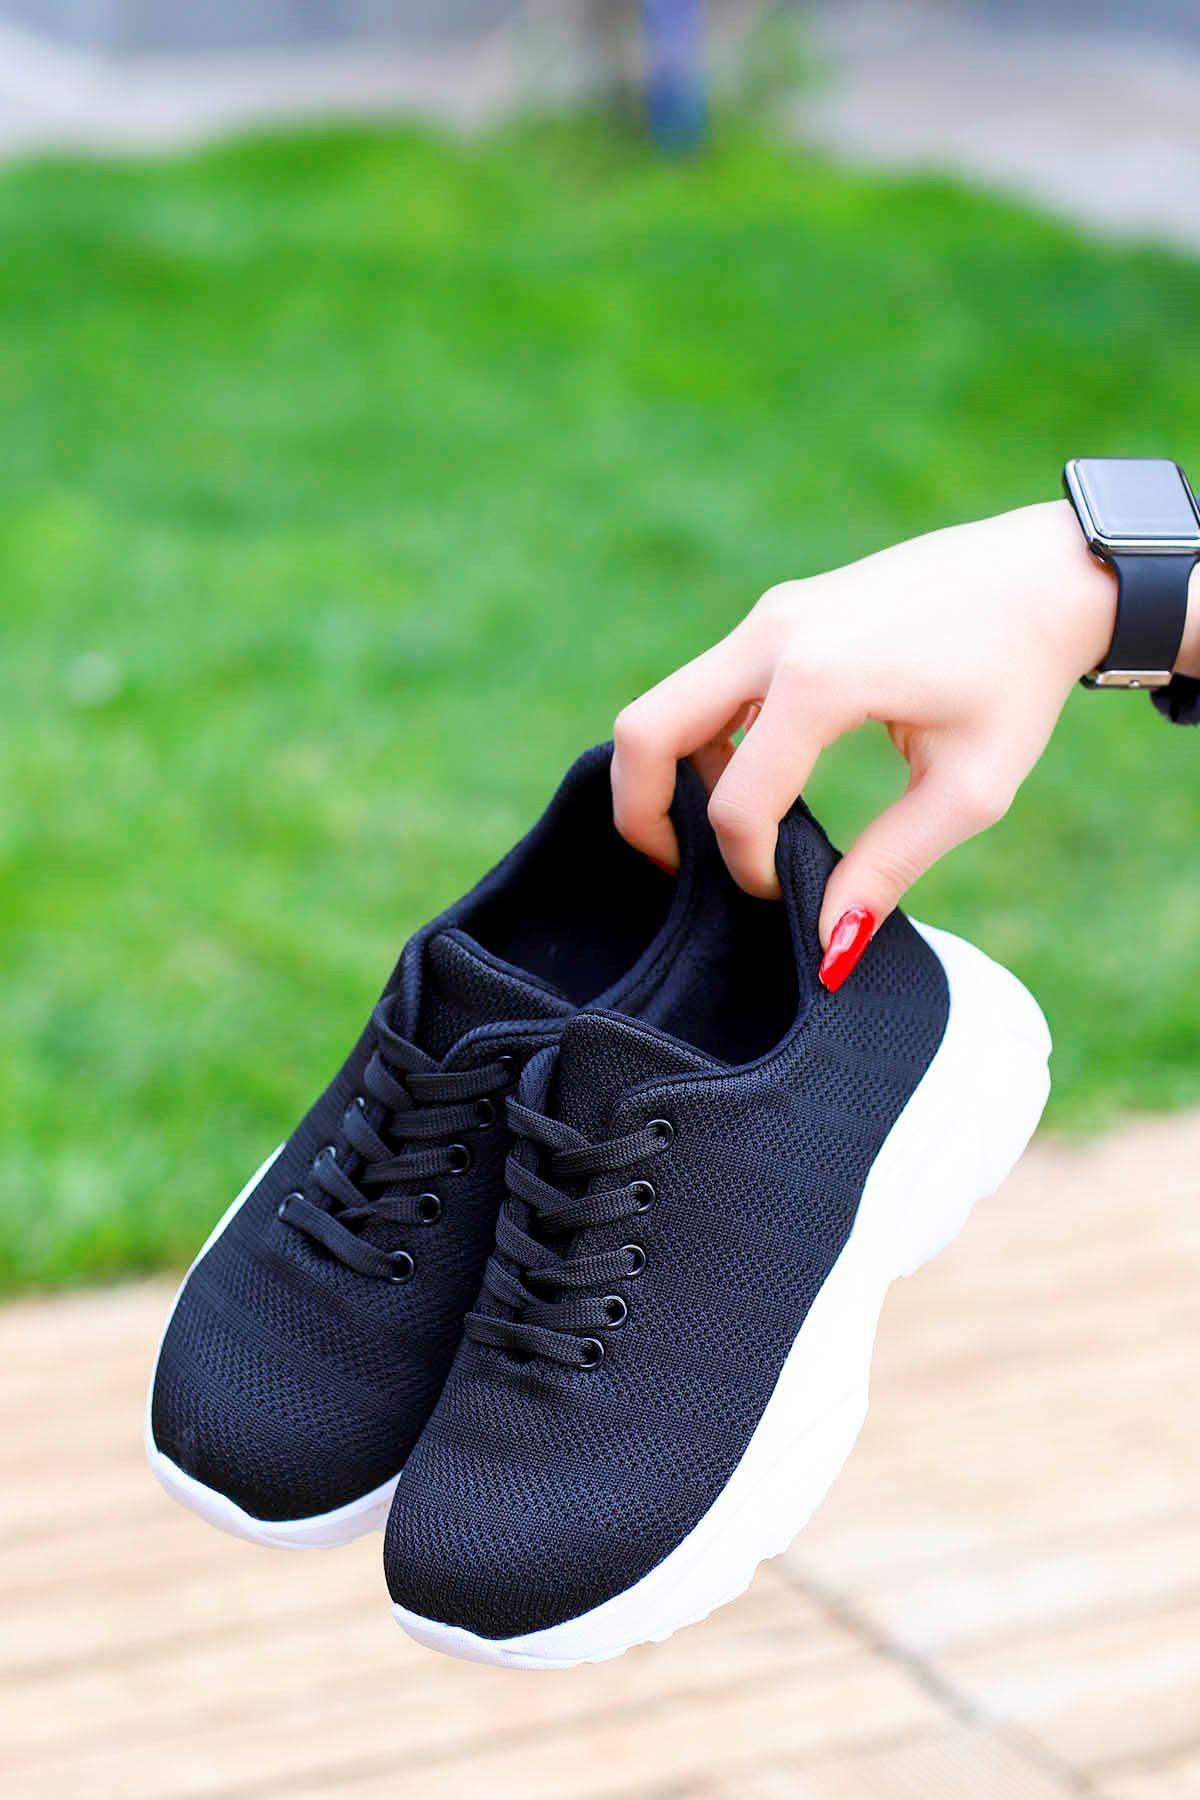 Violet Tabanlı Triko Spor Ayakkabı Siyah